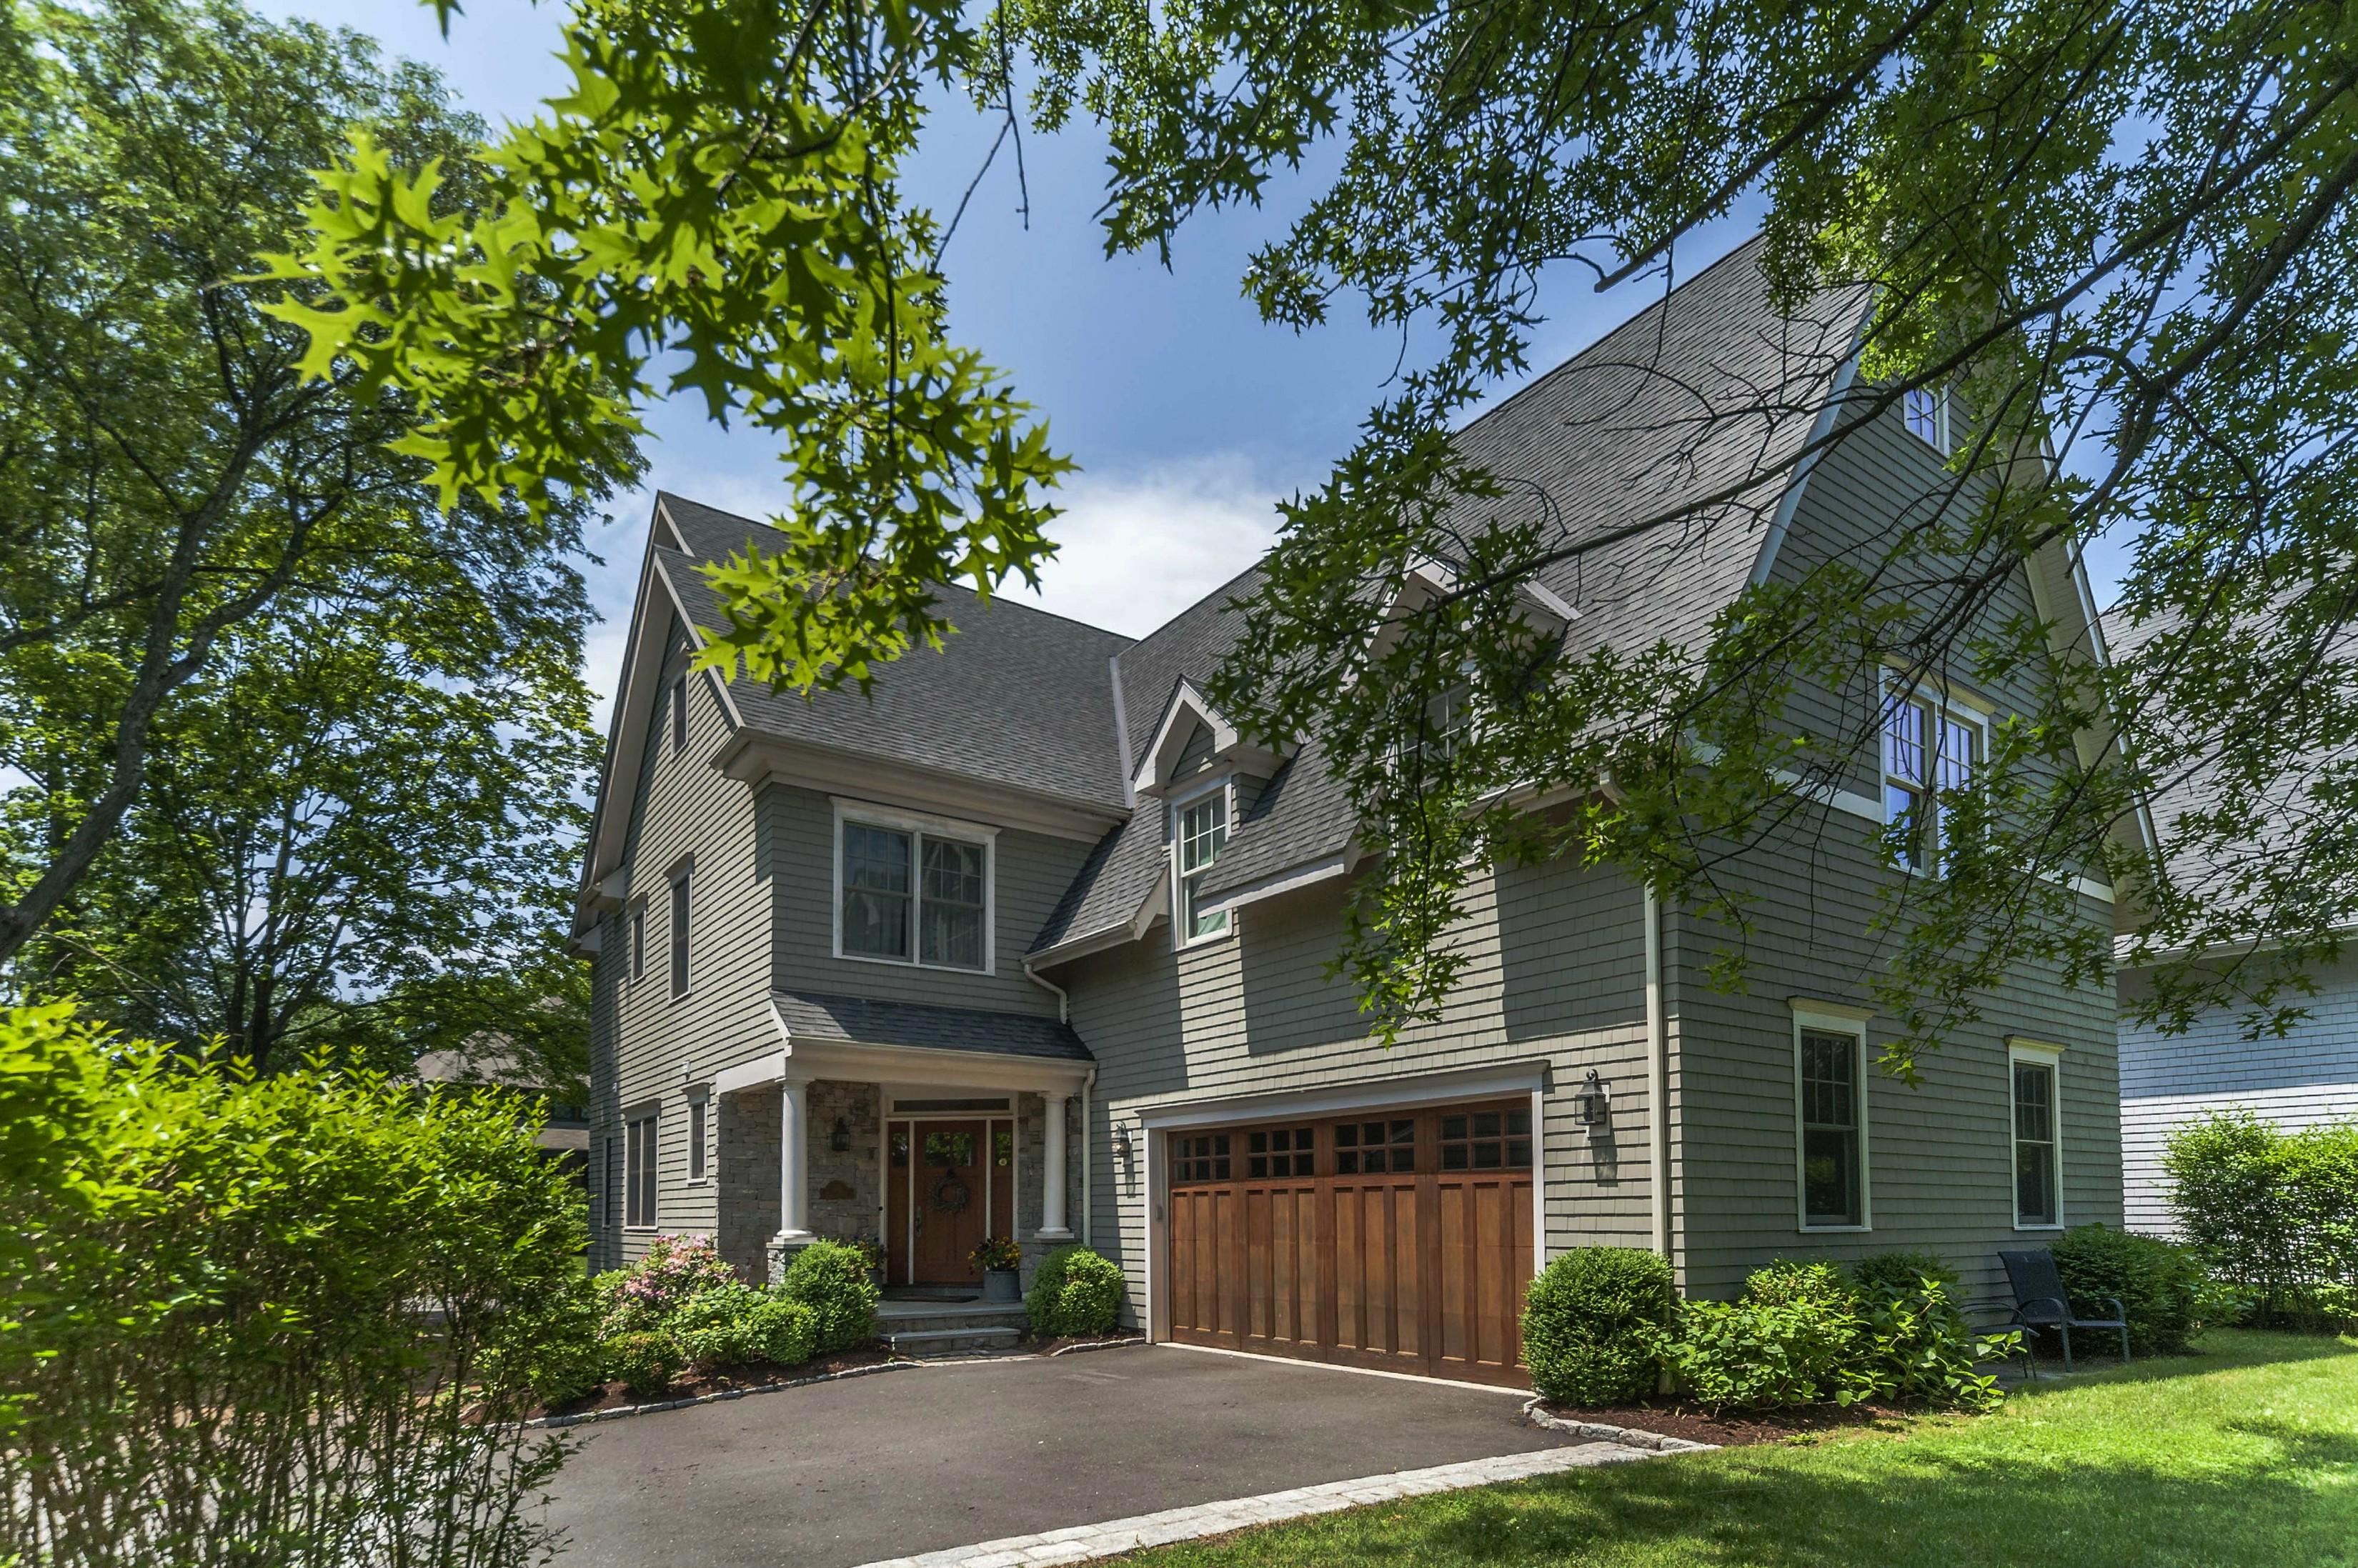 独户住宅 为 销售 在 26b Wilson Avenue Norwalk, 康涅狄格州 06853 美国